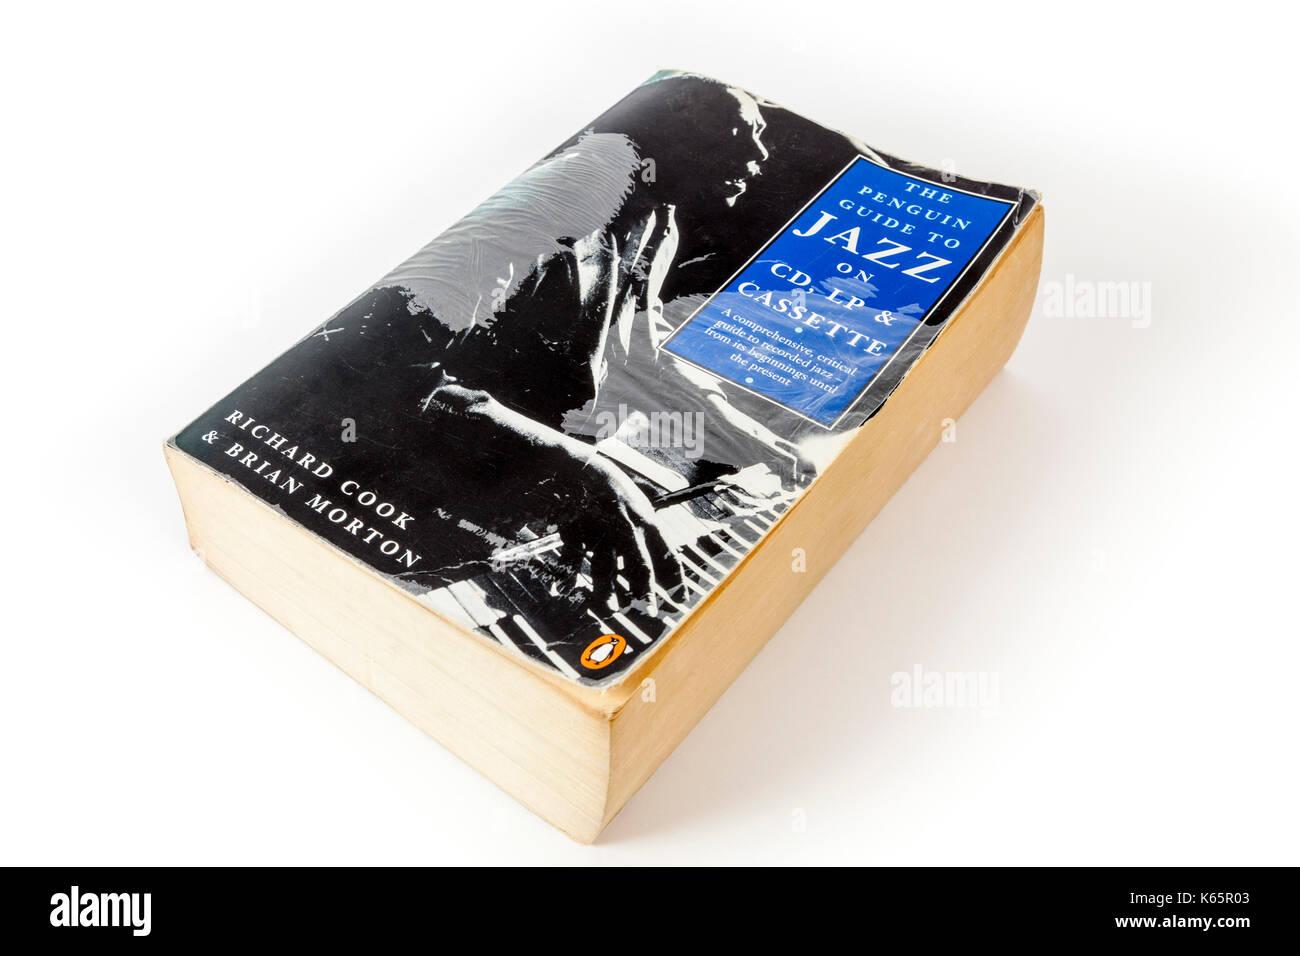 Prima edizione del Penguin Guide to jazz su CD, LP e cassette da Richard e Brian morton su sfondo bianco Immagini Stock